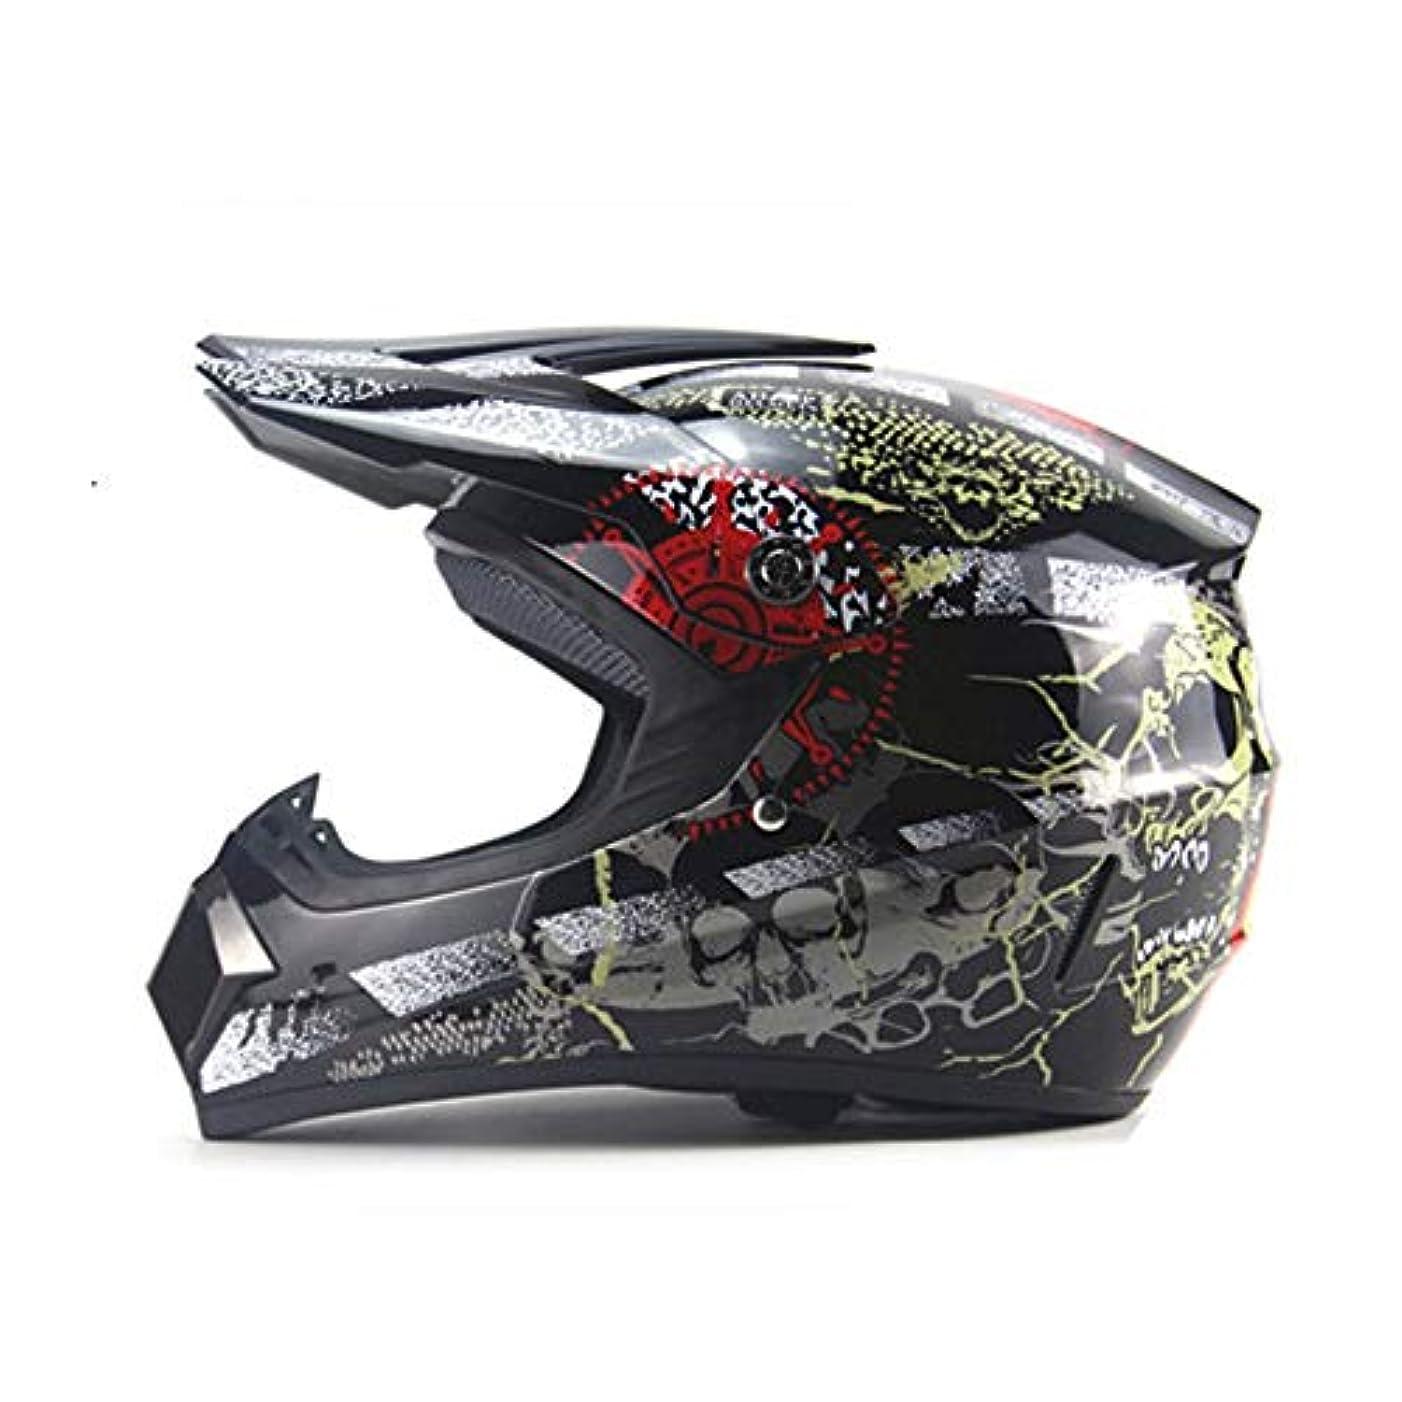 いたずらな代表するアカデミックSafety 四季クロスカントリーヘルメットモトクロスヘルメットマウンテンバイクフルフェイスヘルメット多色ヘルメットクロスカントリーヘルメットロードオフロードレーシングヘルメット - 明るい黒/黄色 - 創造的なパターン - 大 (Size : XL)